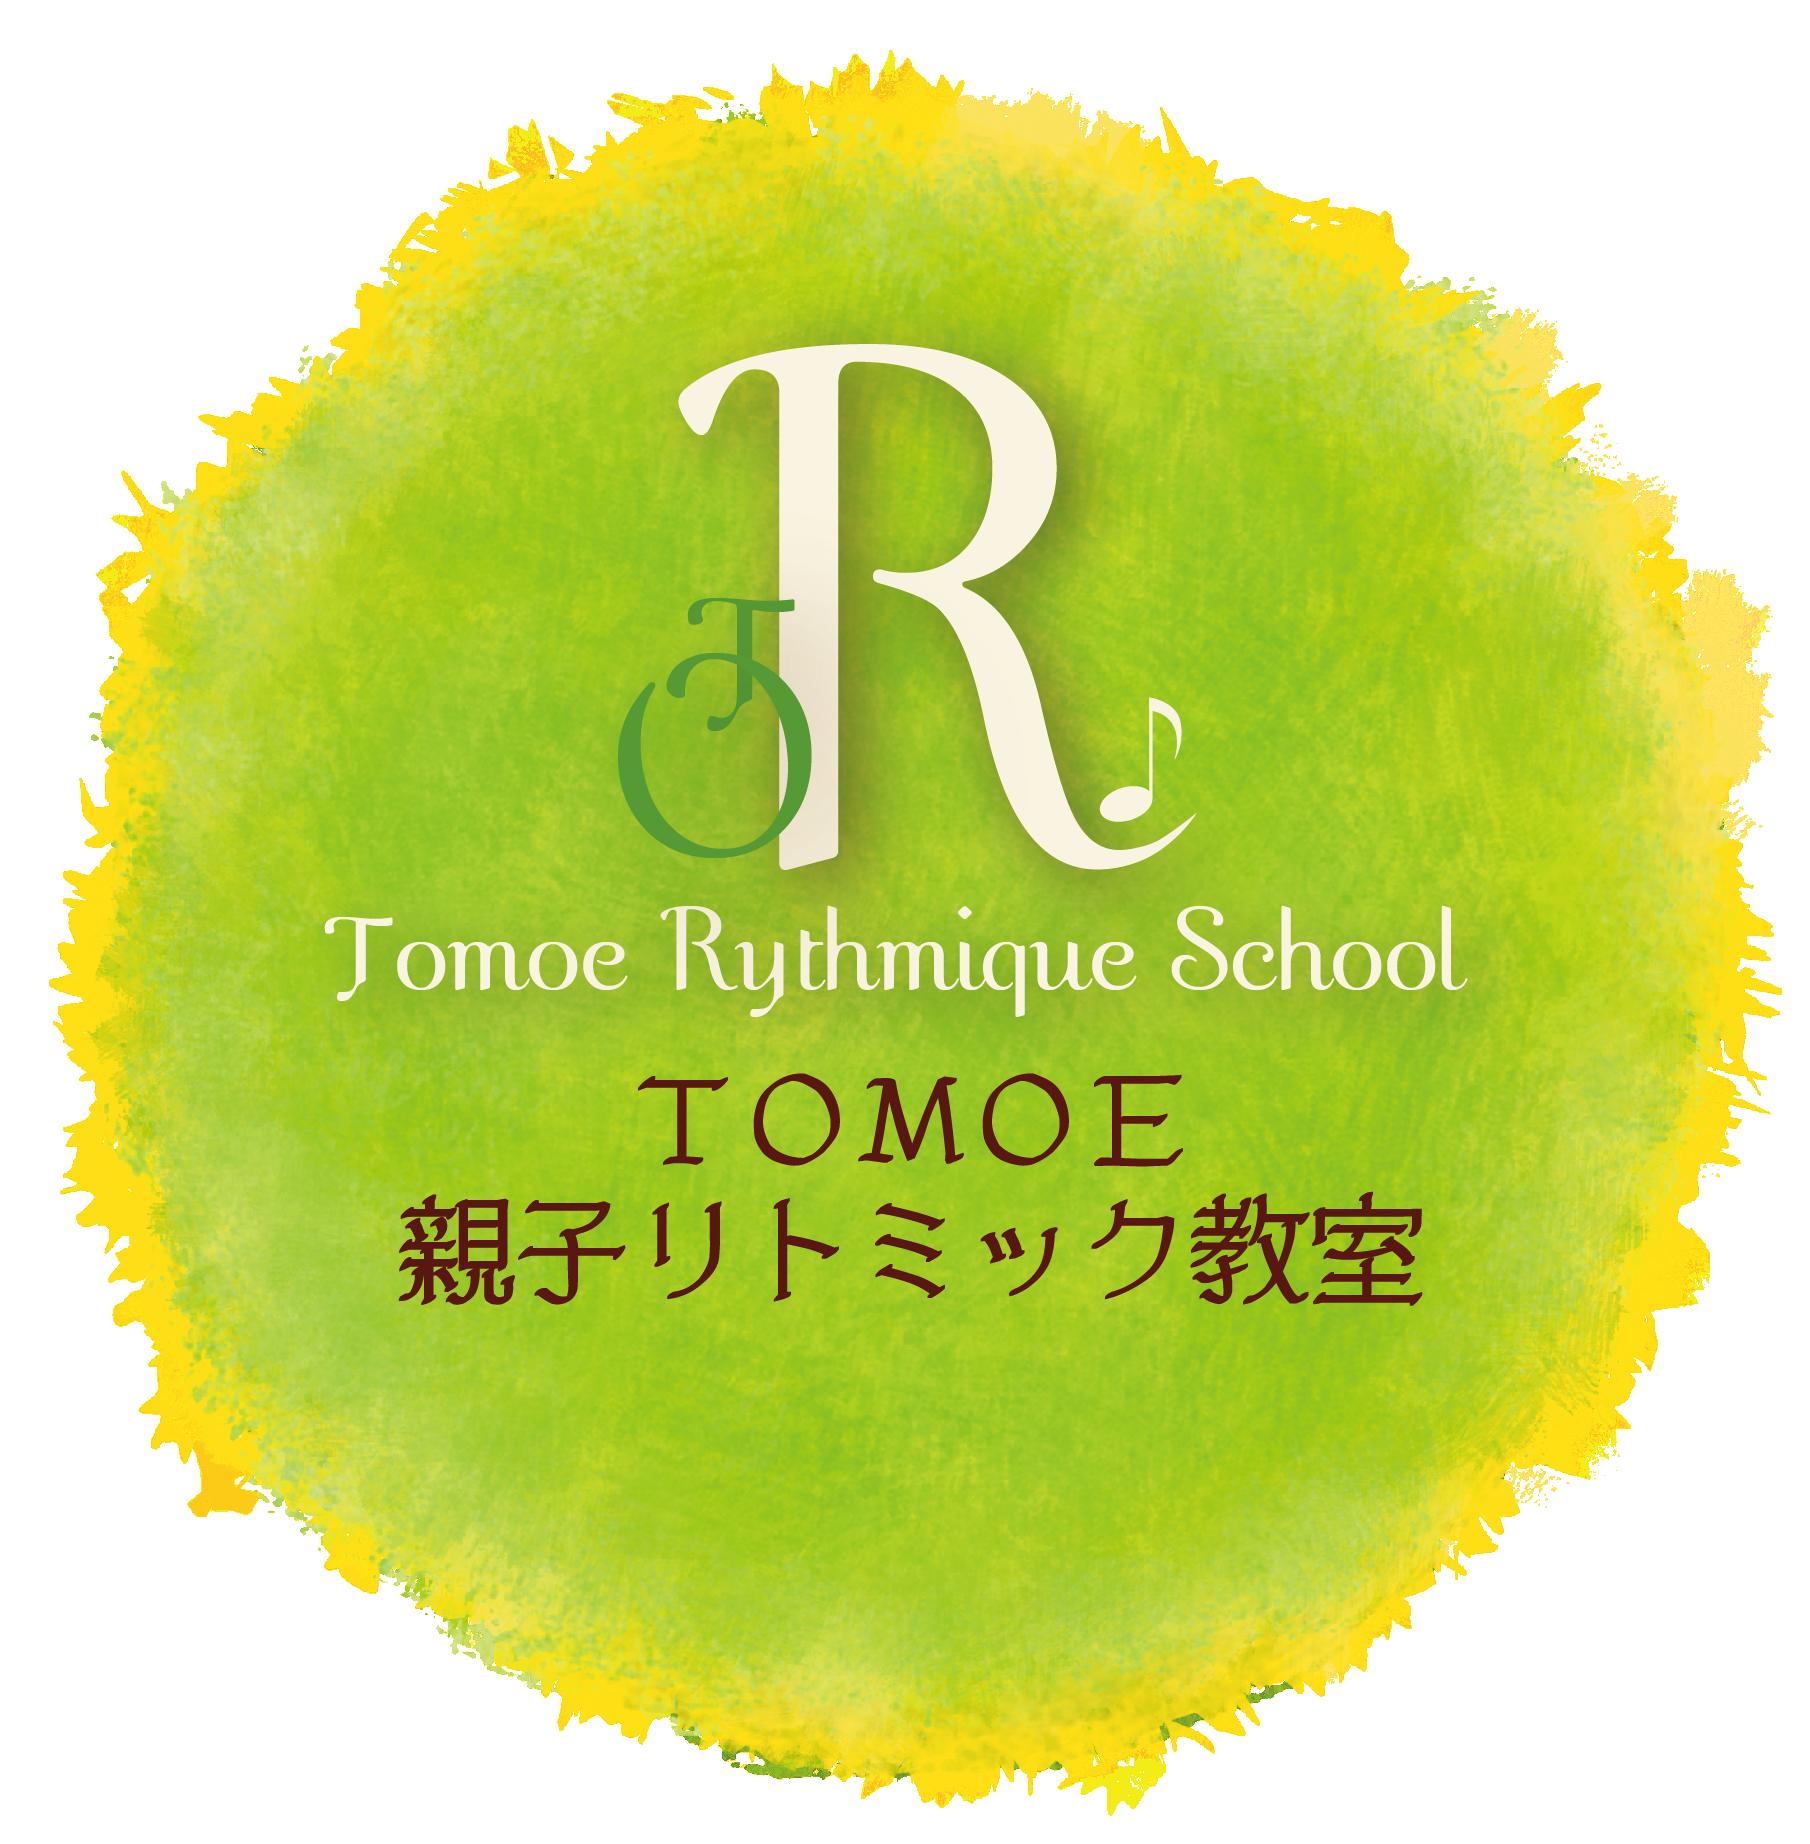 トモエ親子リトミック教室